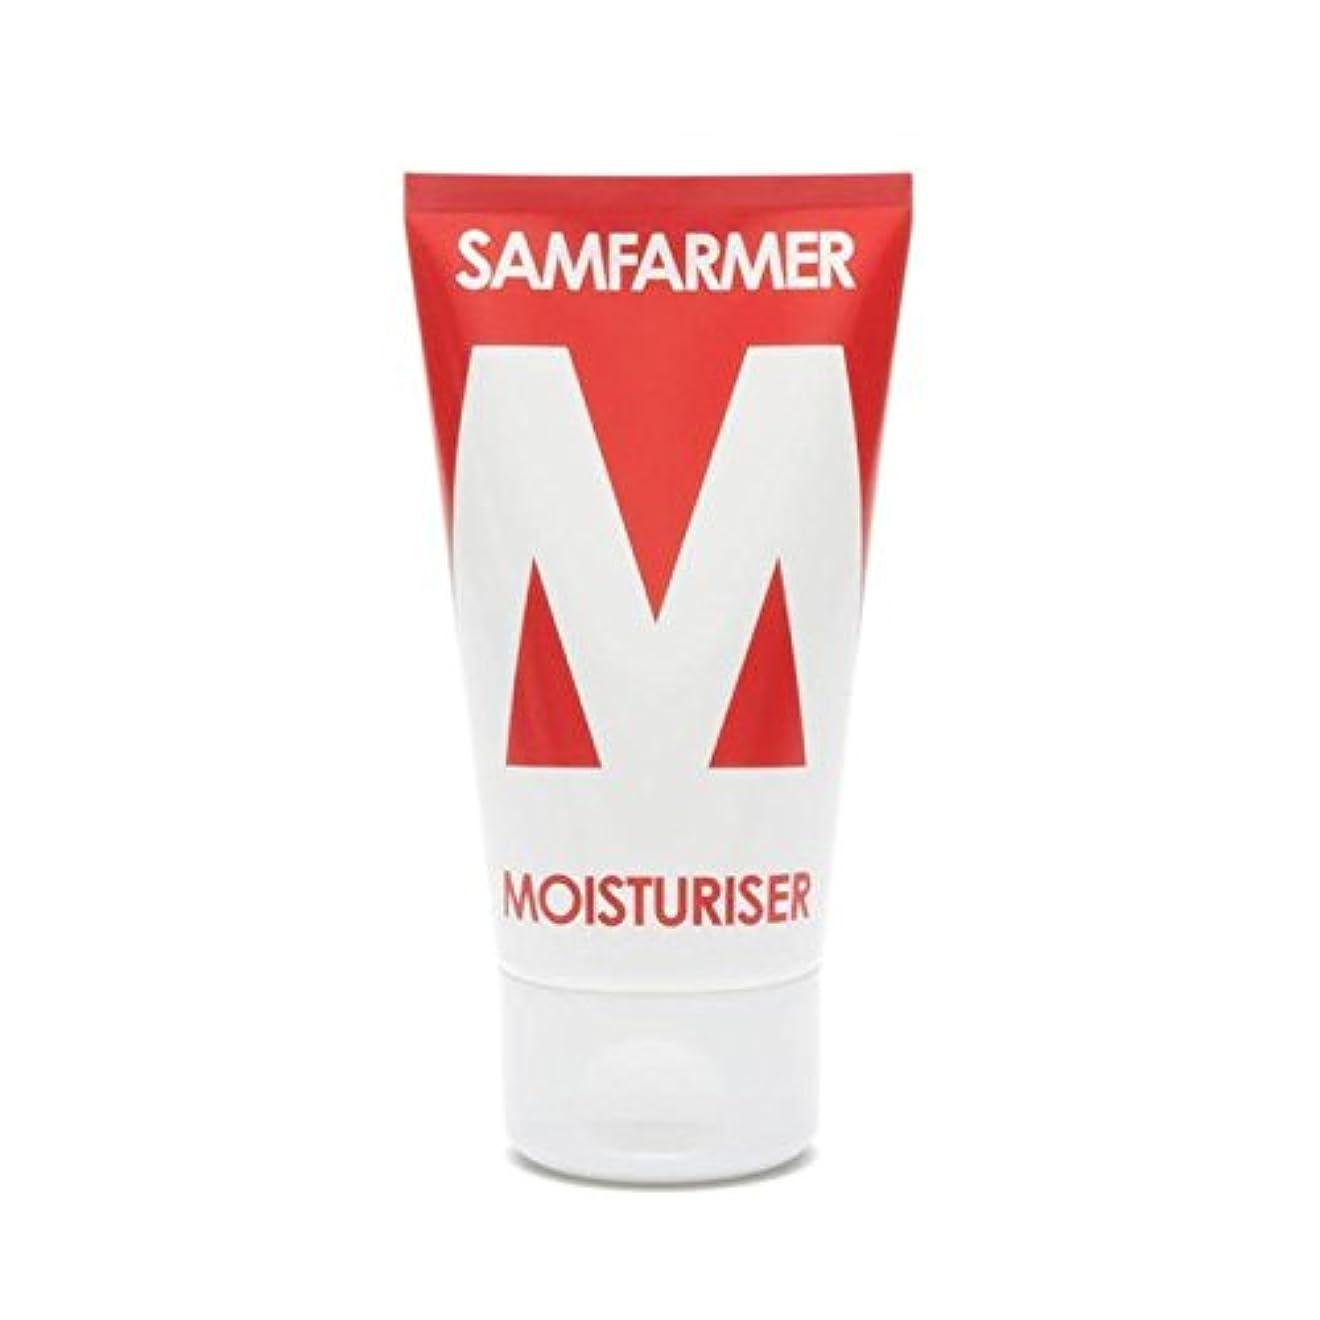 休眠シャトル耐えるユニセックス保湿50ミリリットル x2 - SAMFARMER Unisex Moisturiser 50ml (Pack of 2) [並行輸入品]